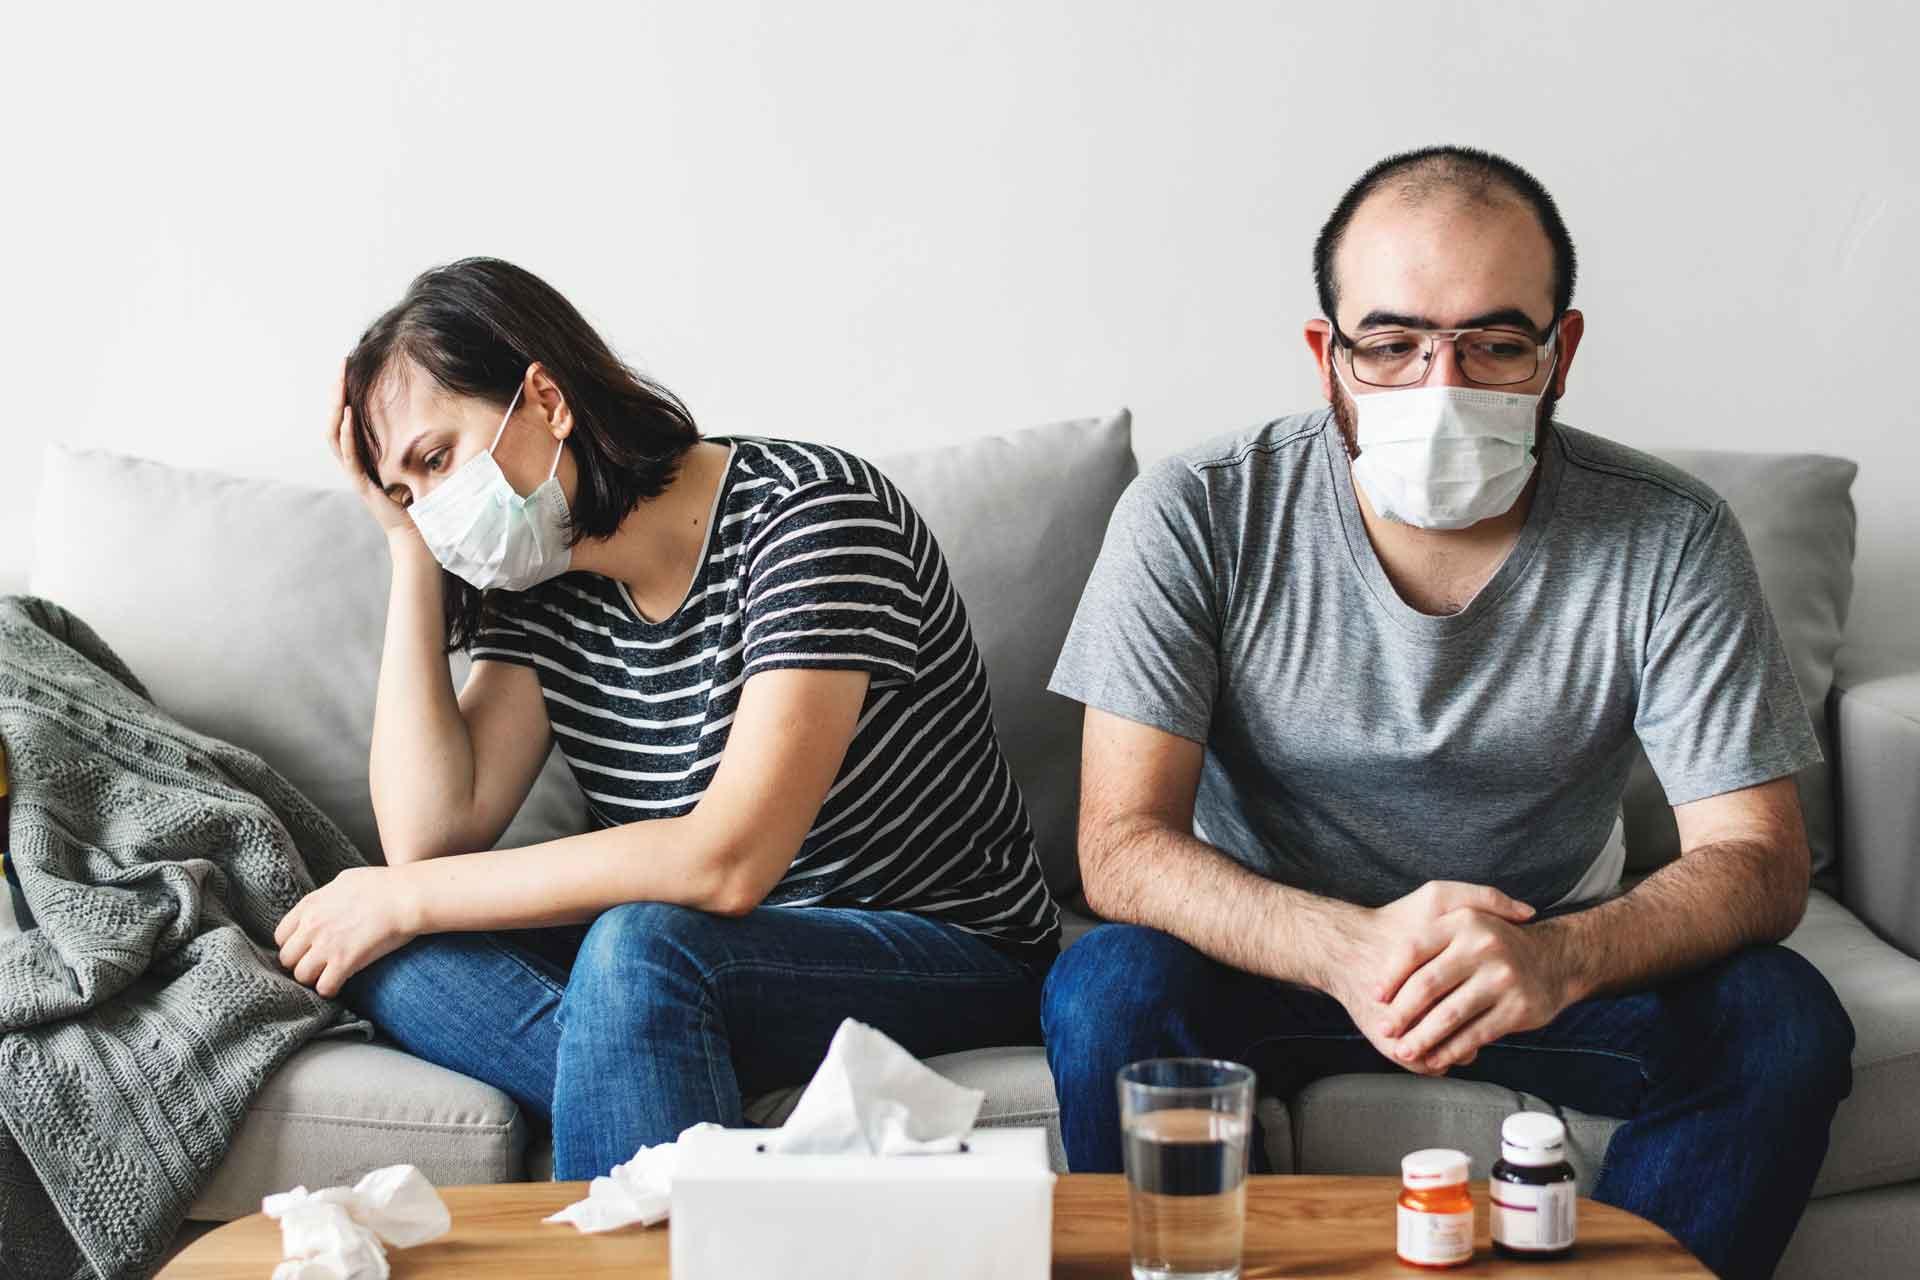 kućna samoizolacija, bolestan par ostaje kod kuće